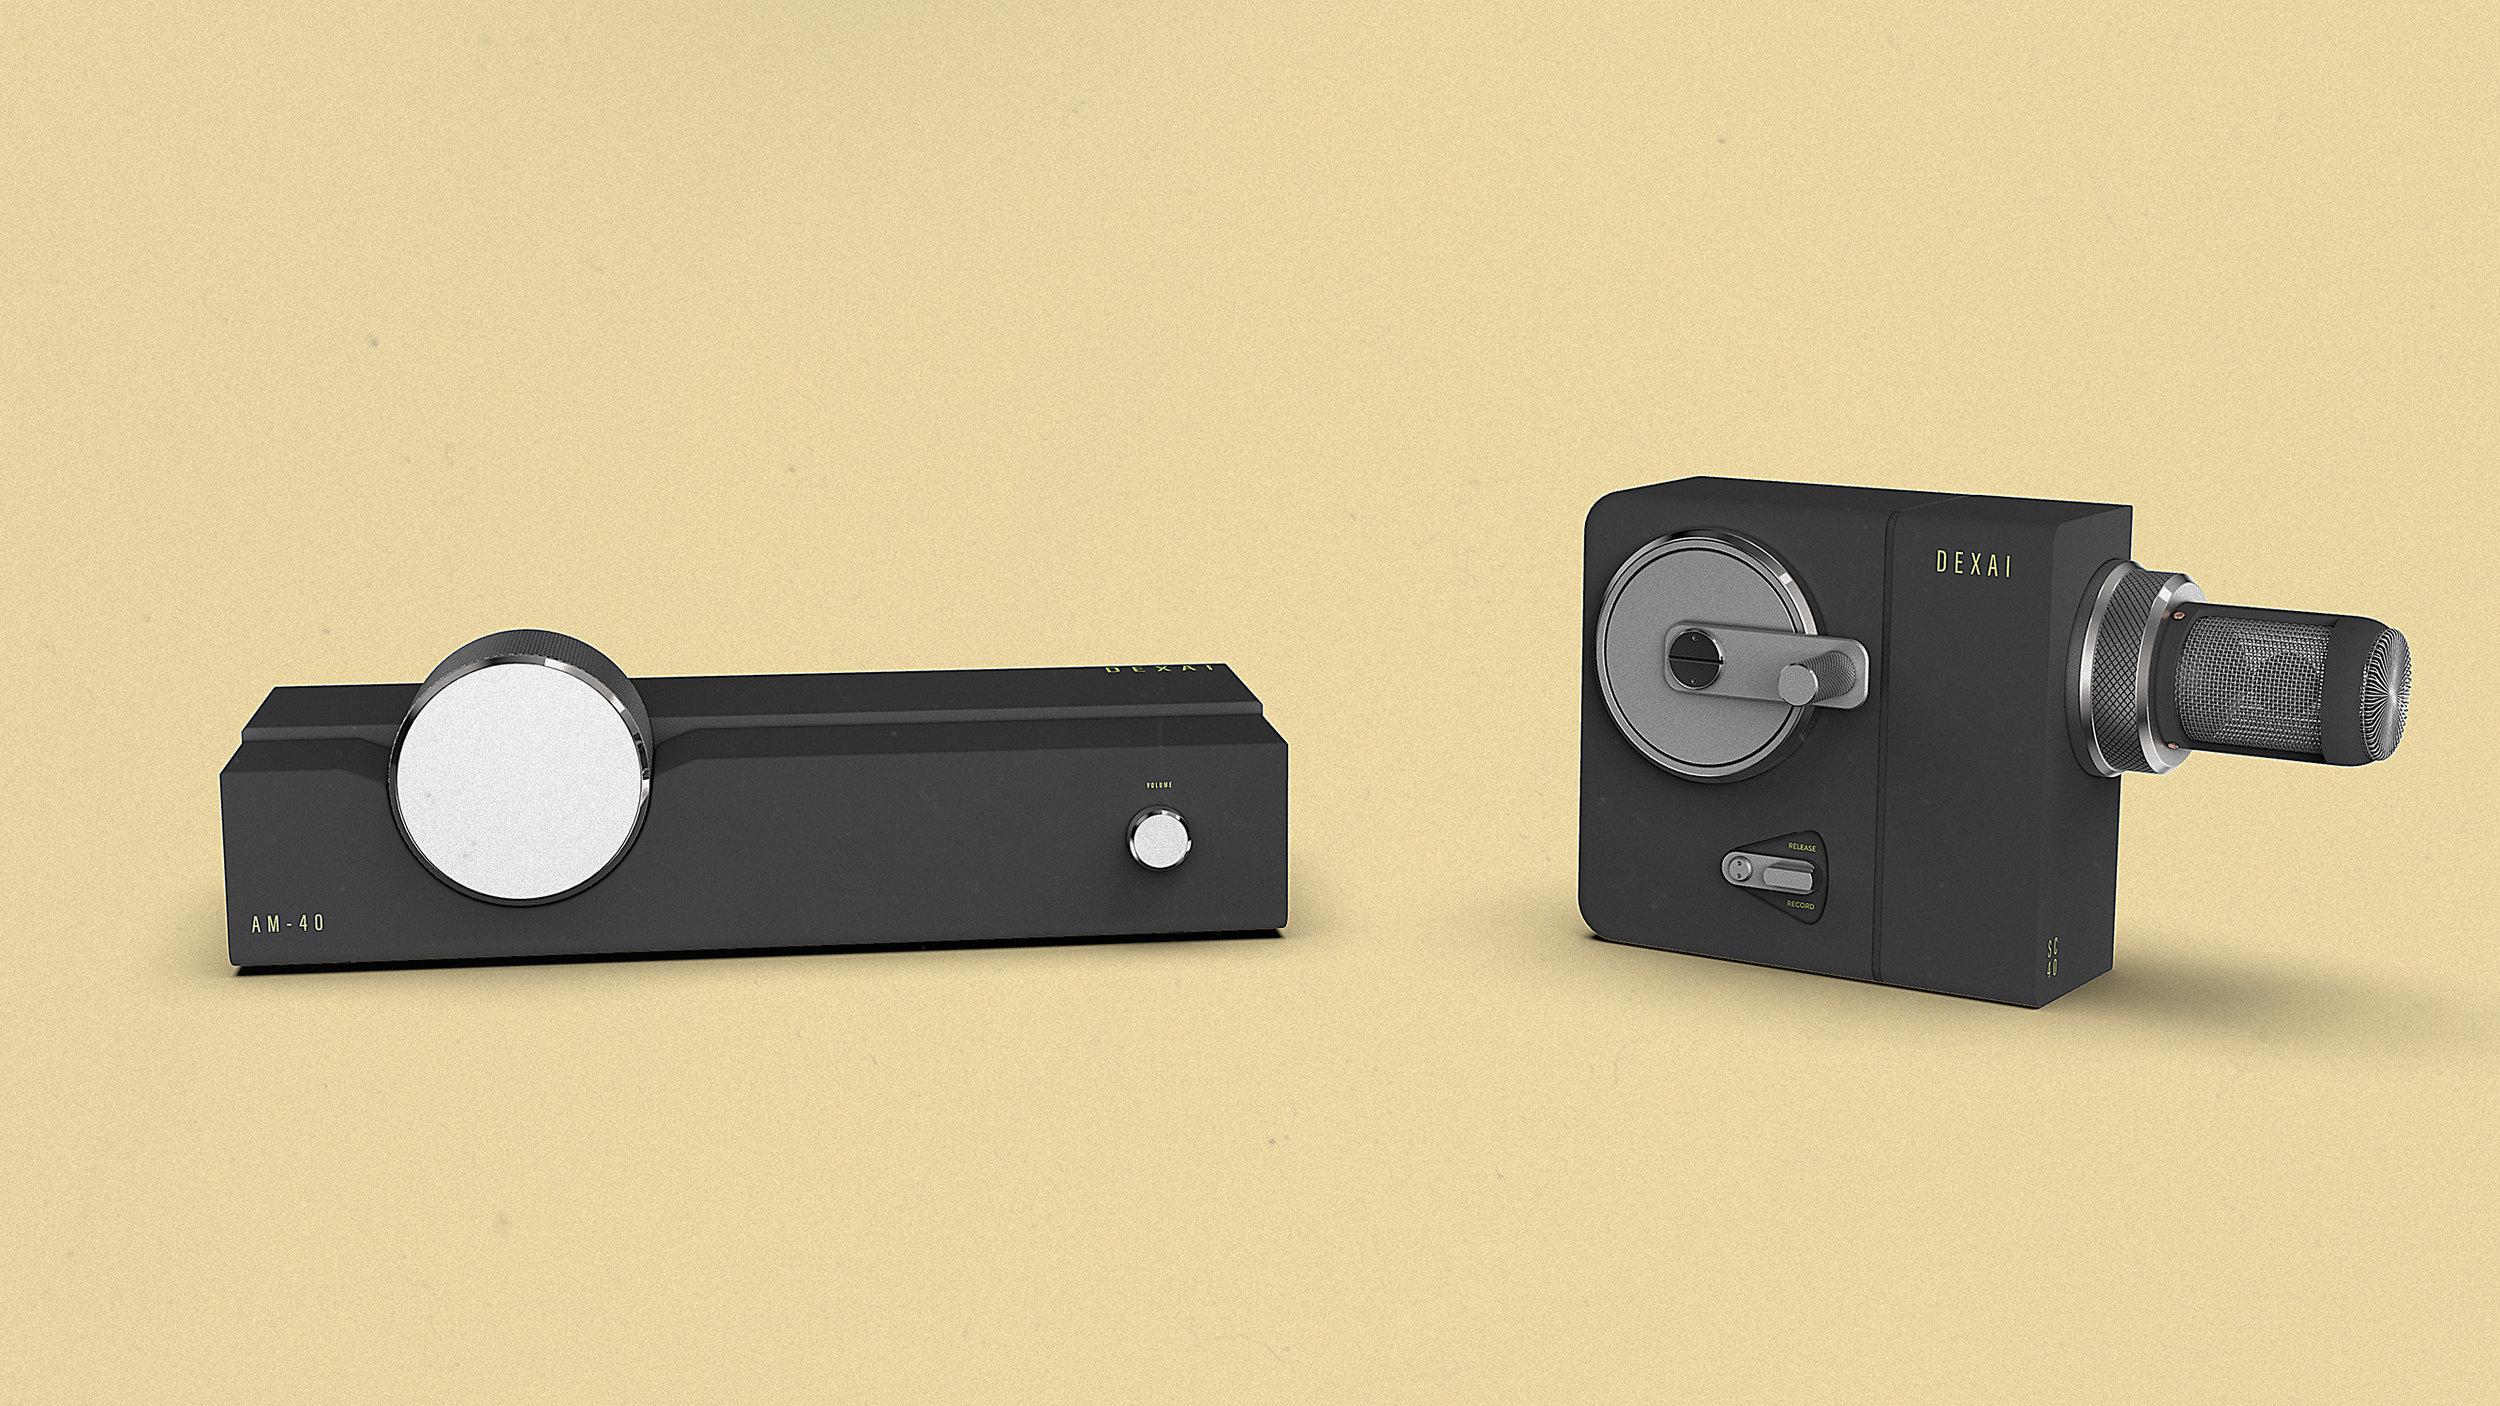 Dexai AM-40 Audio Memory Reader  Dexai SC-40 Sound Capturer